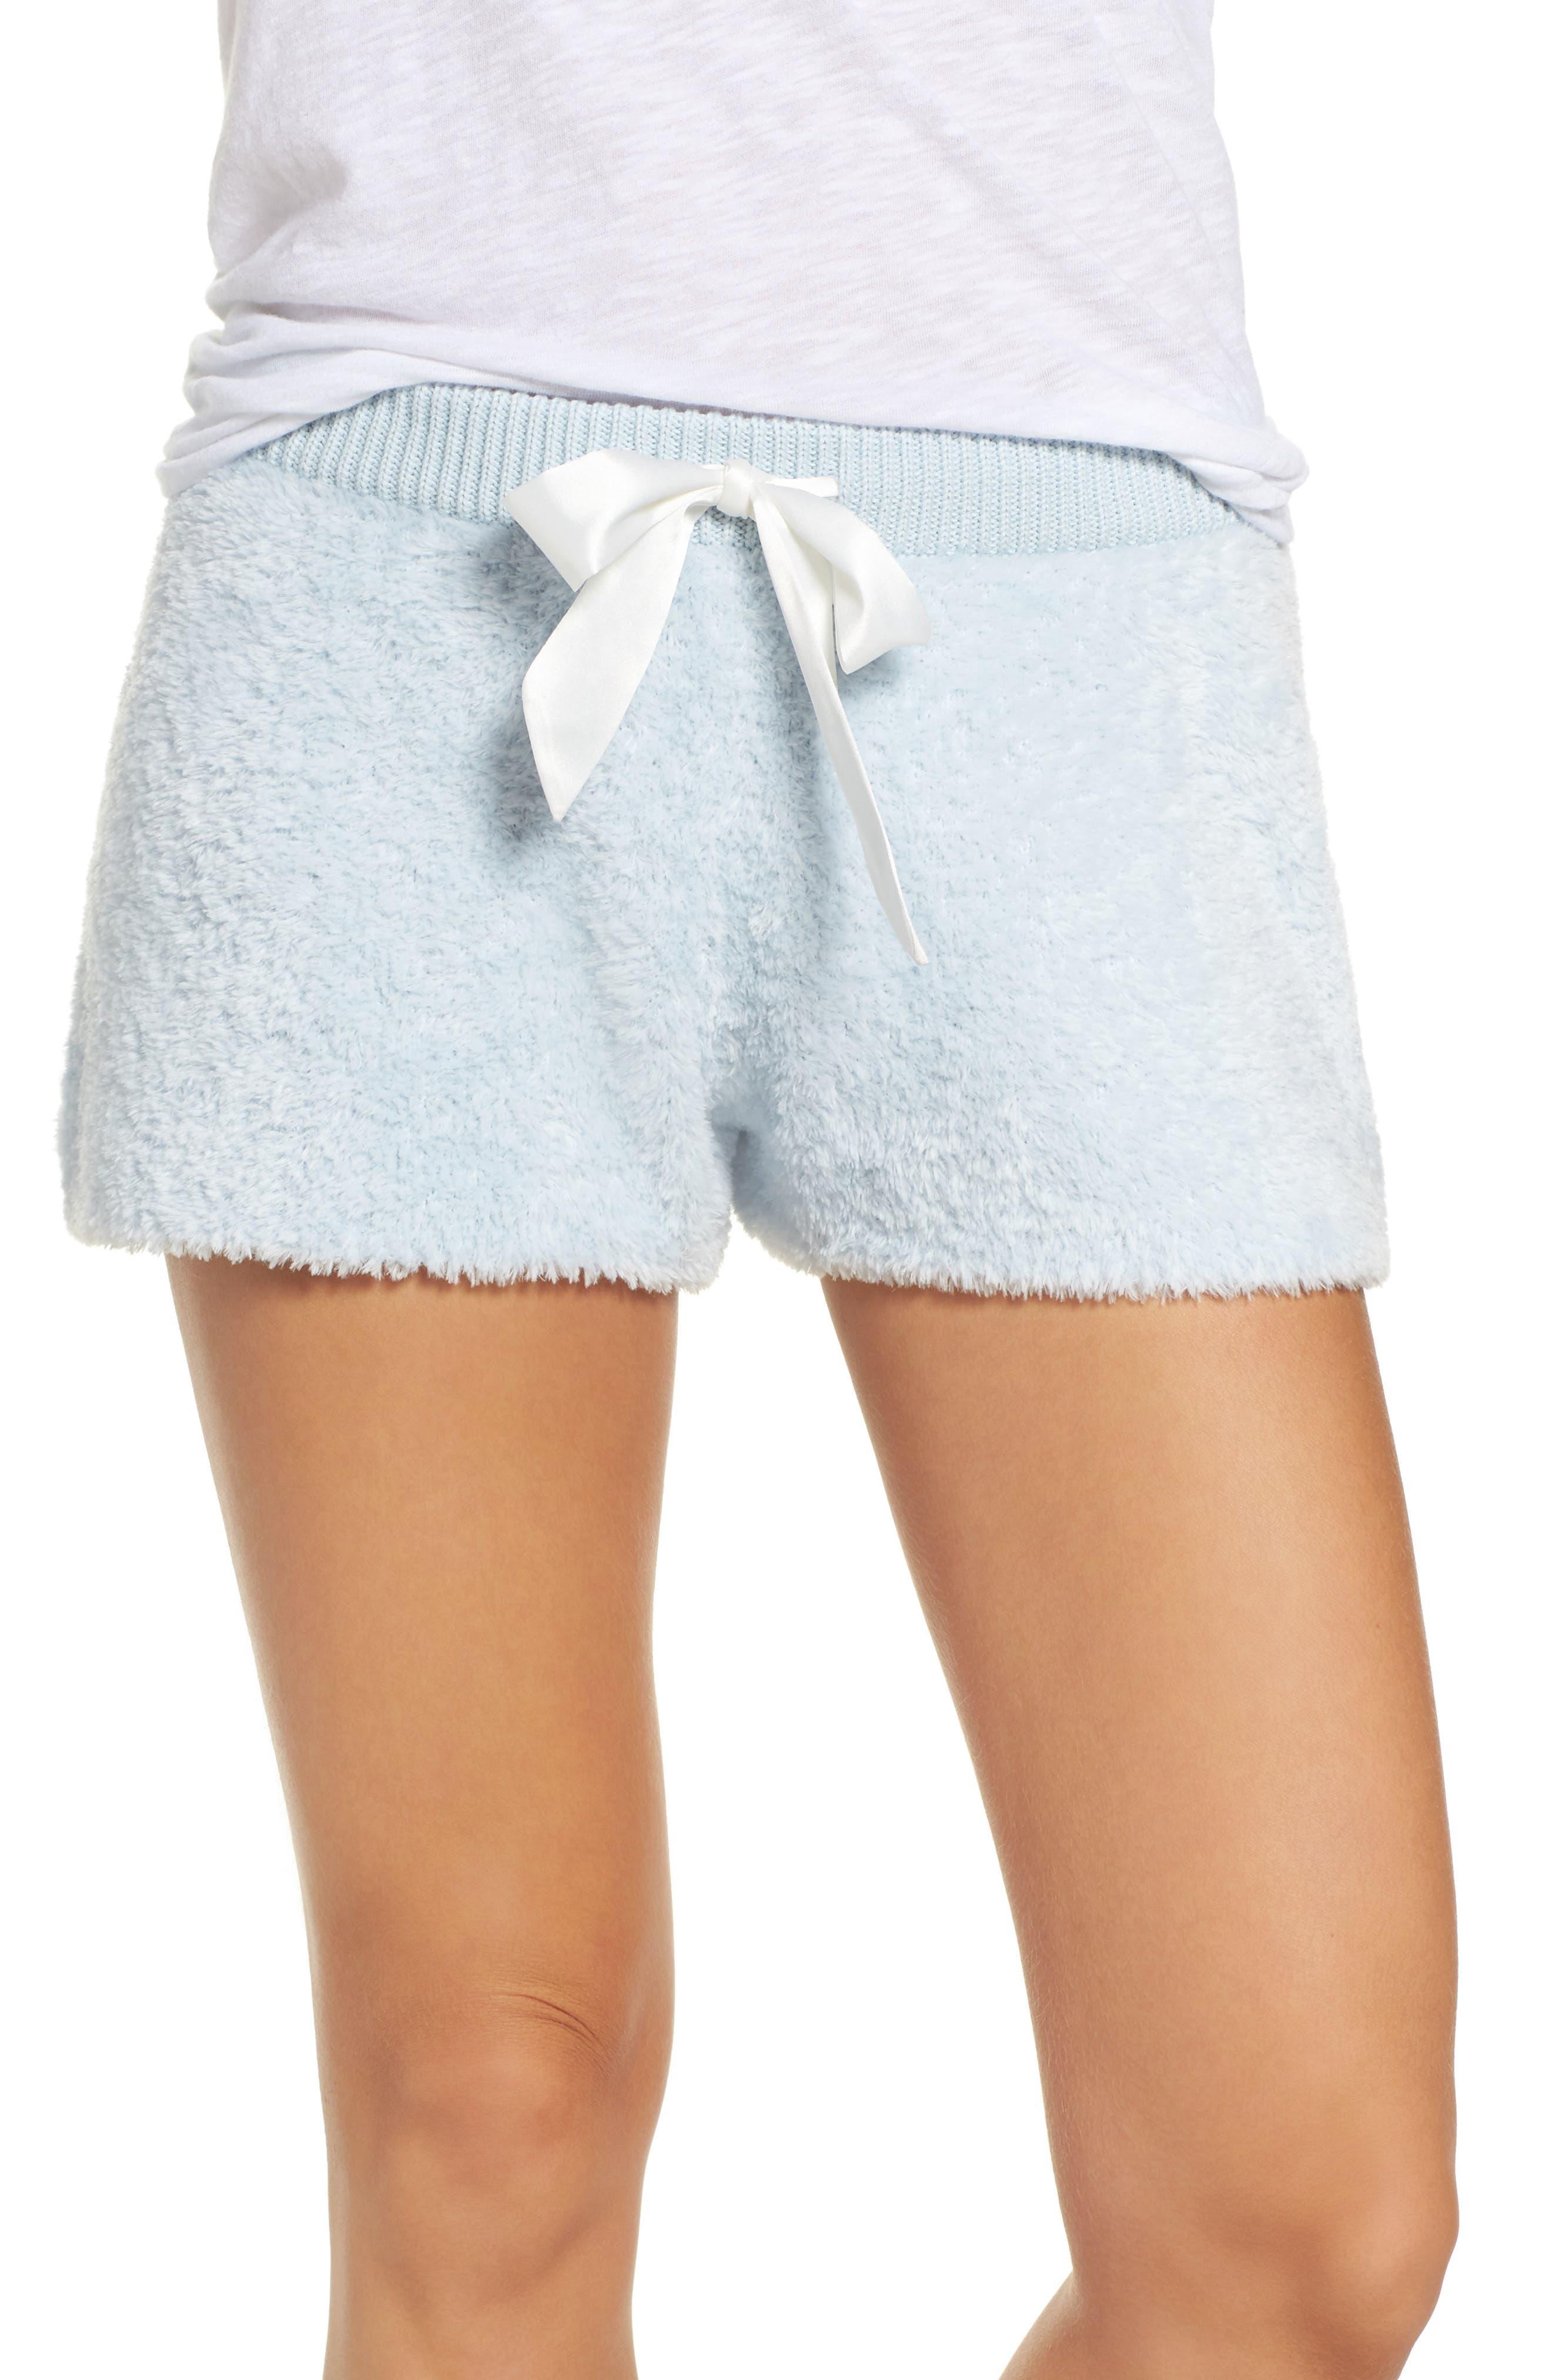 Main Image - Make + Model Fuzzy Lounge Shorts